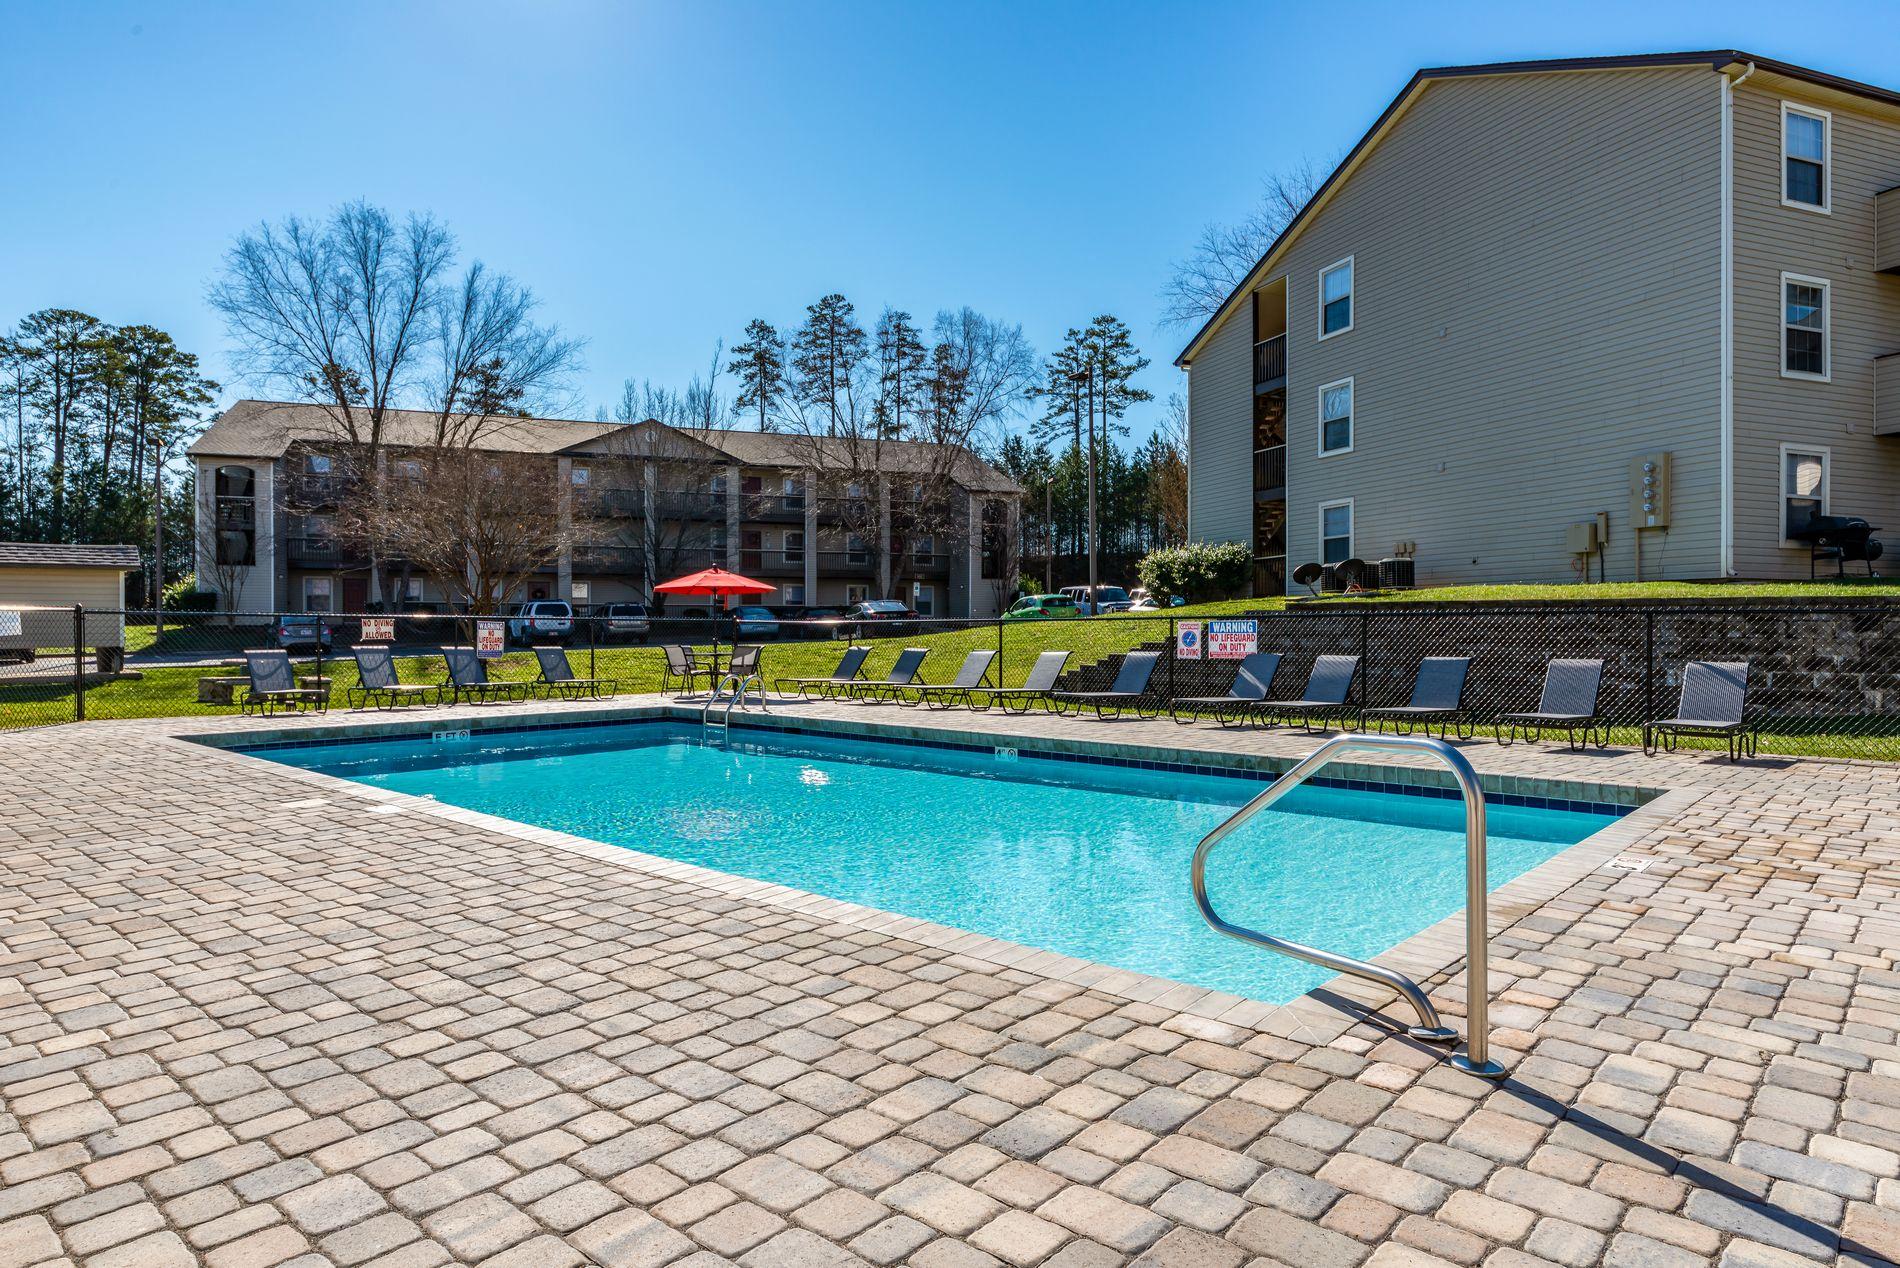 Pool area at Kannan Station Apartment Homes in Kannapolis, North Carolina, NC